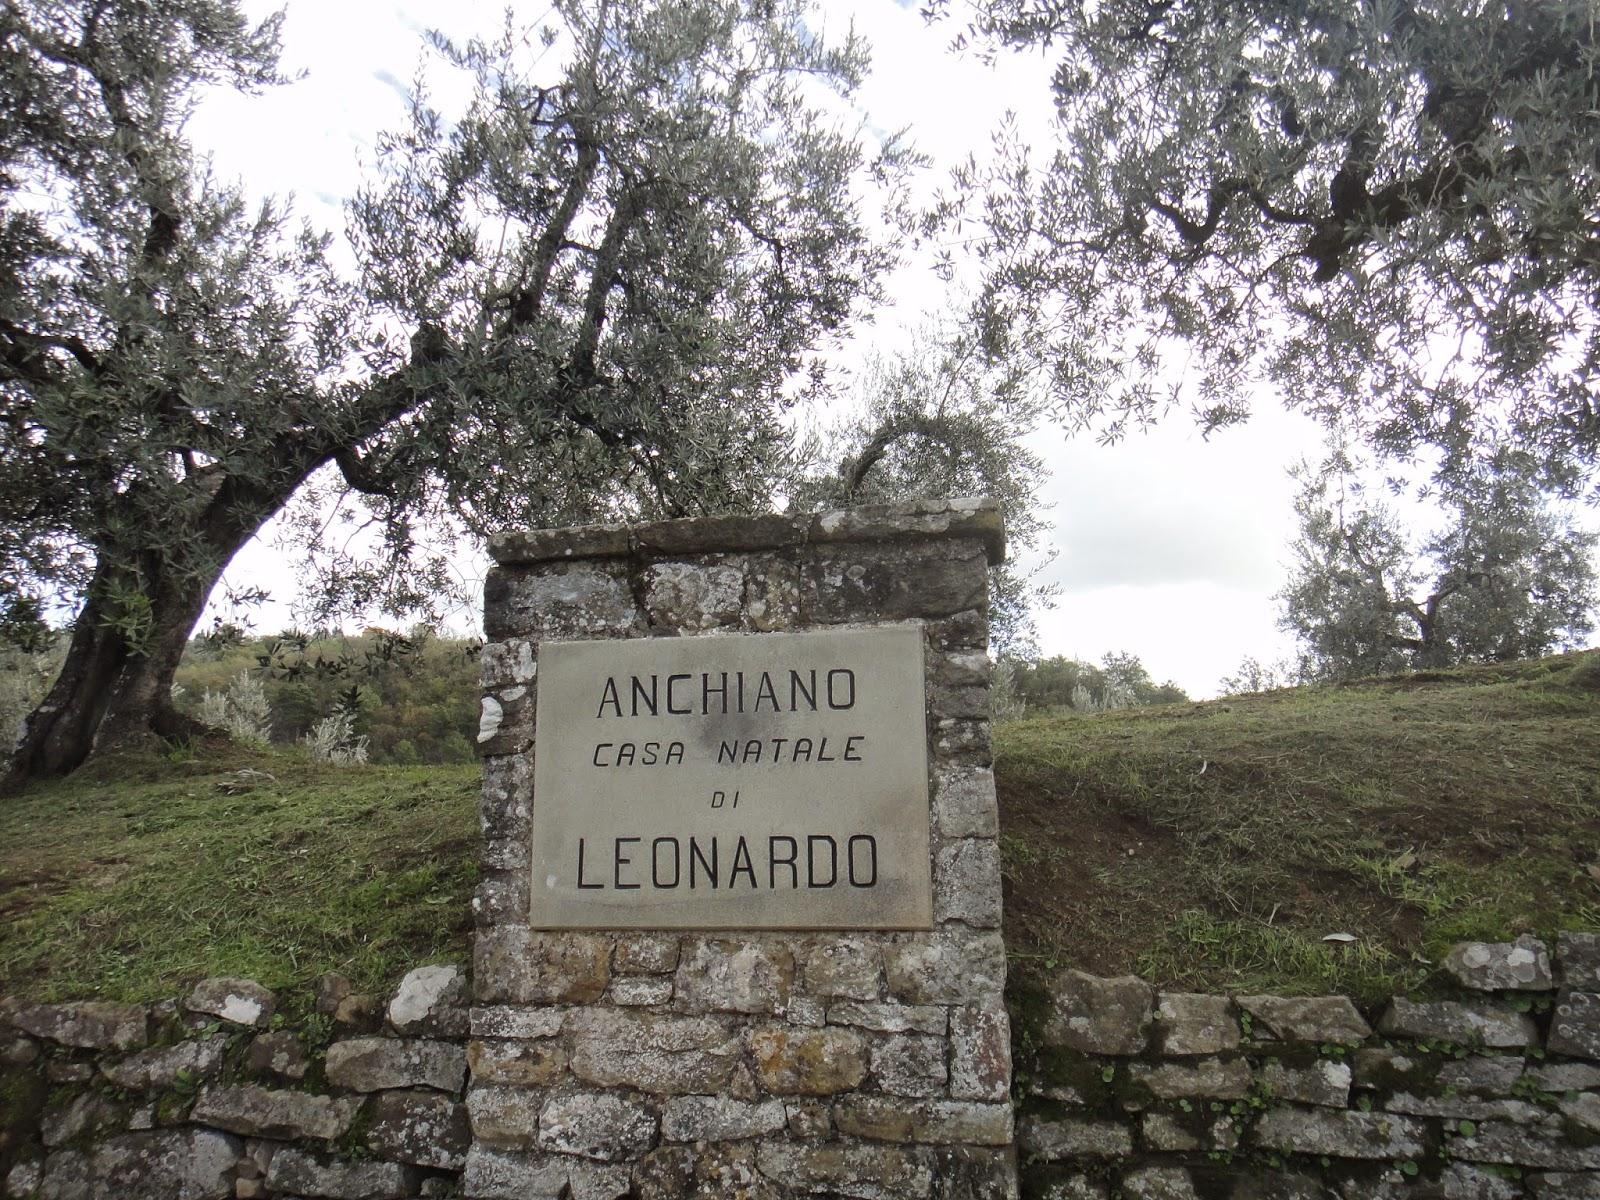 placa na frente da casa natal de Leonardo da Vinci